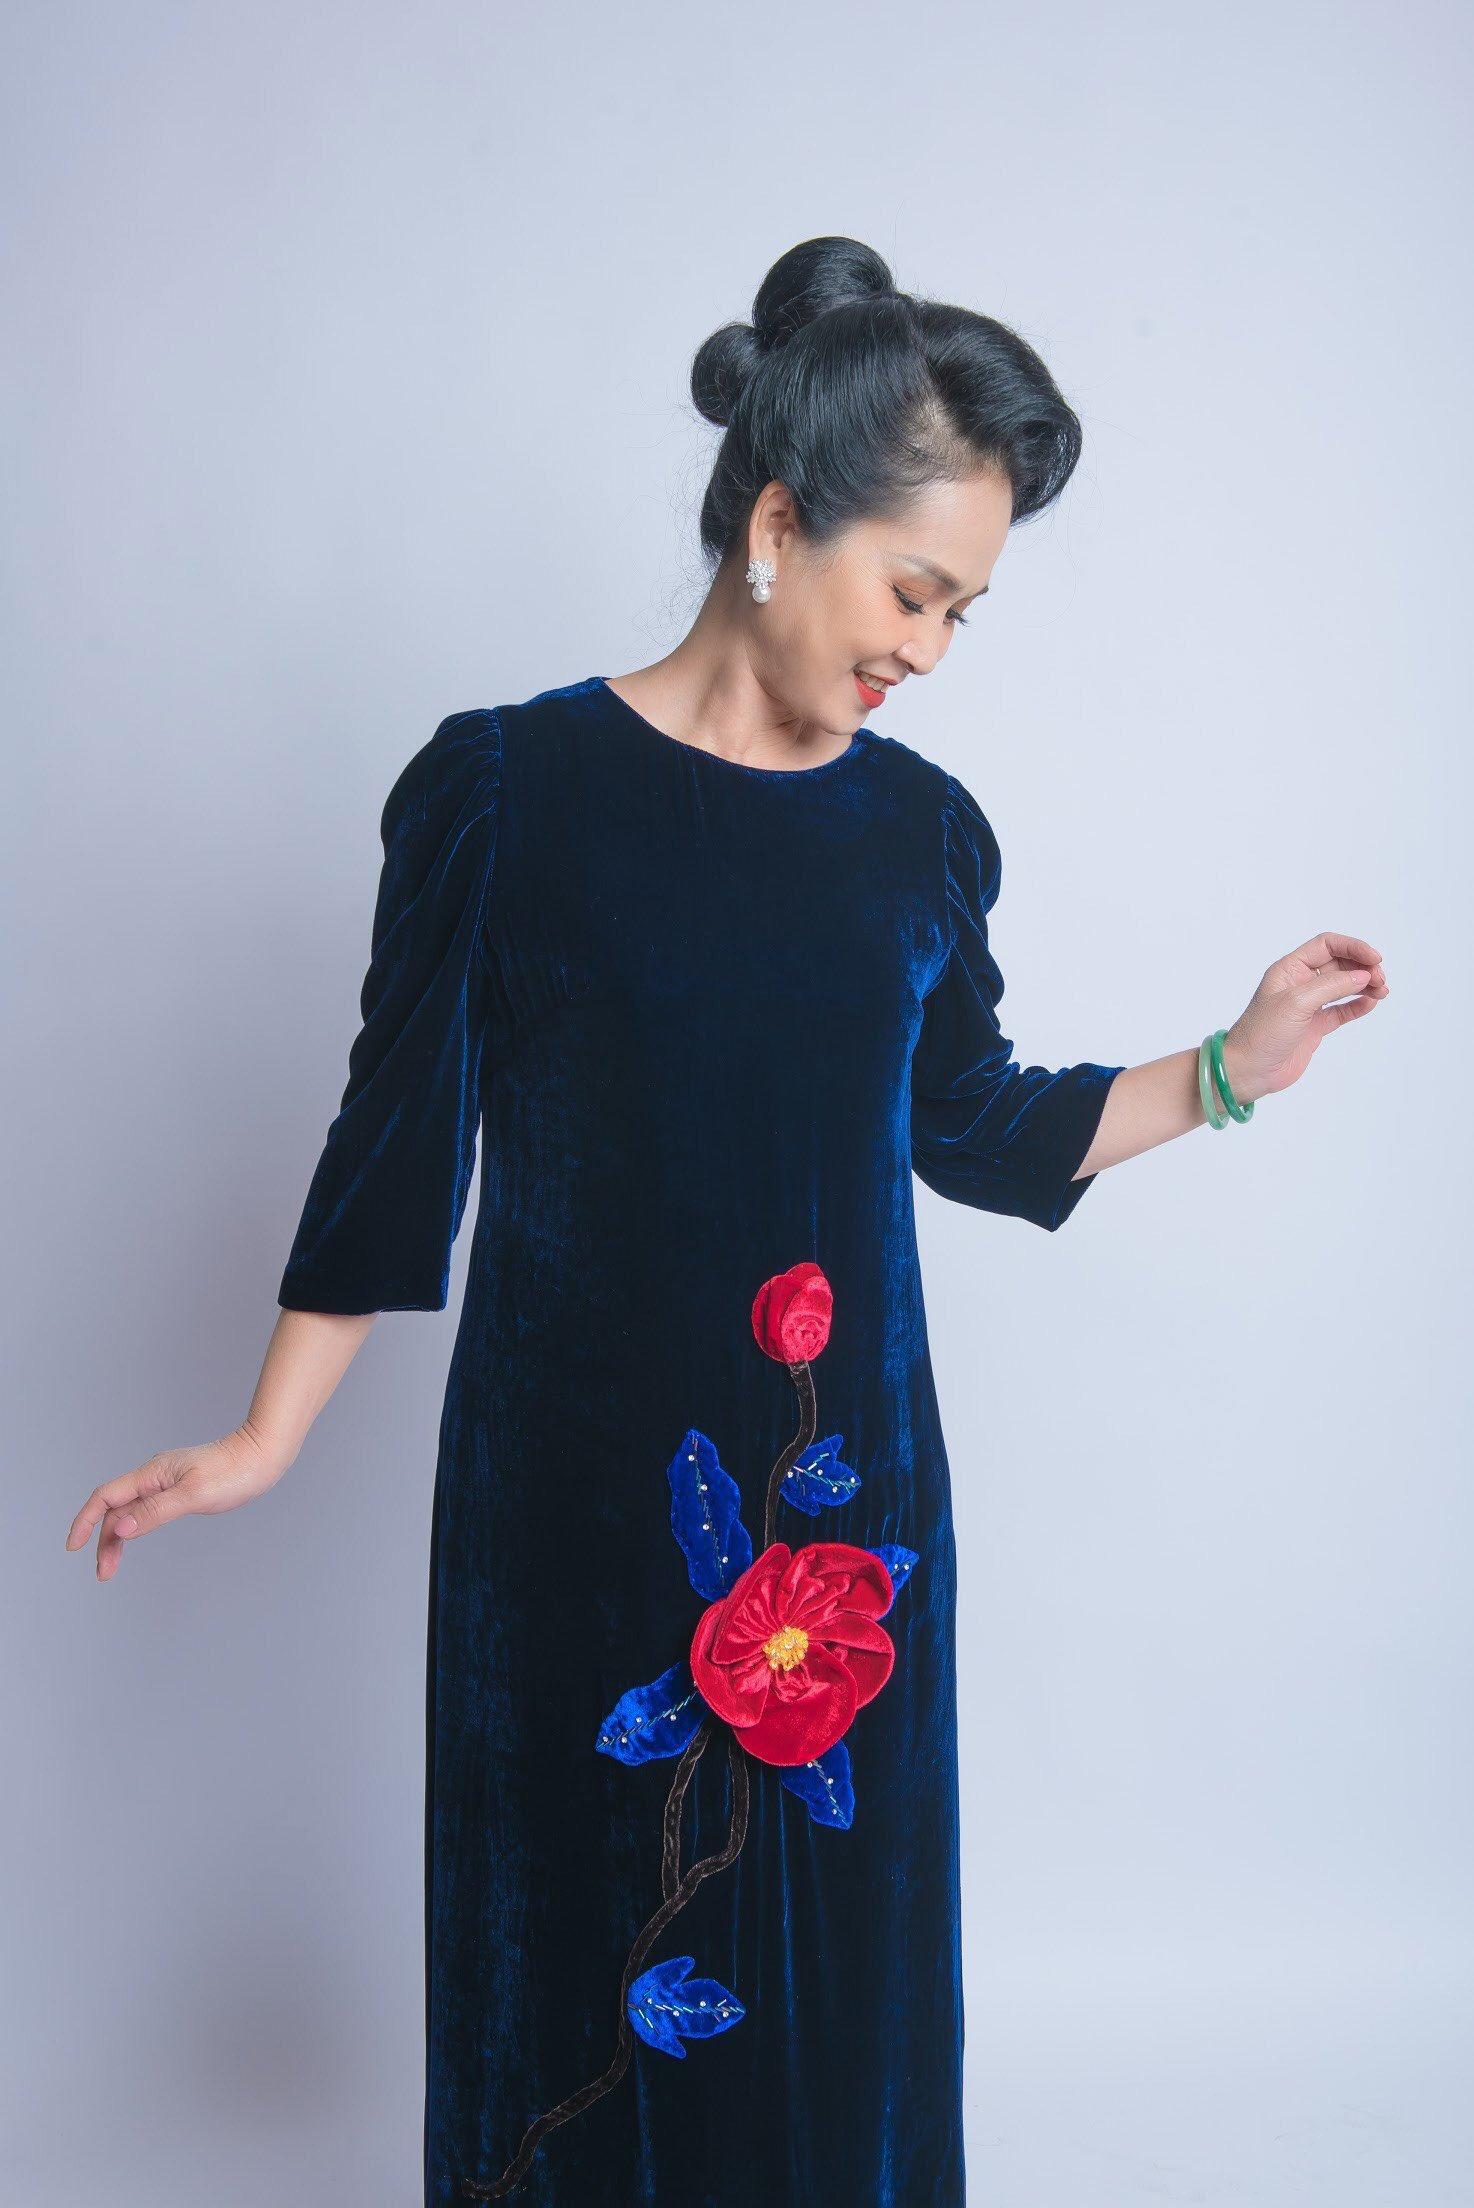 NSND Lan Hương sang trọng với đầm nhung sắc màu